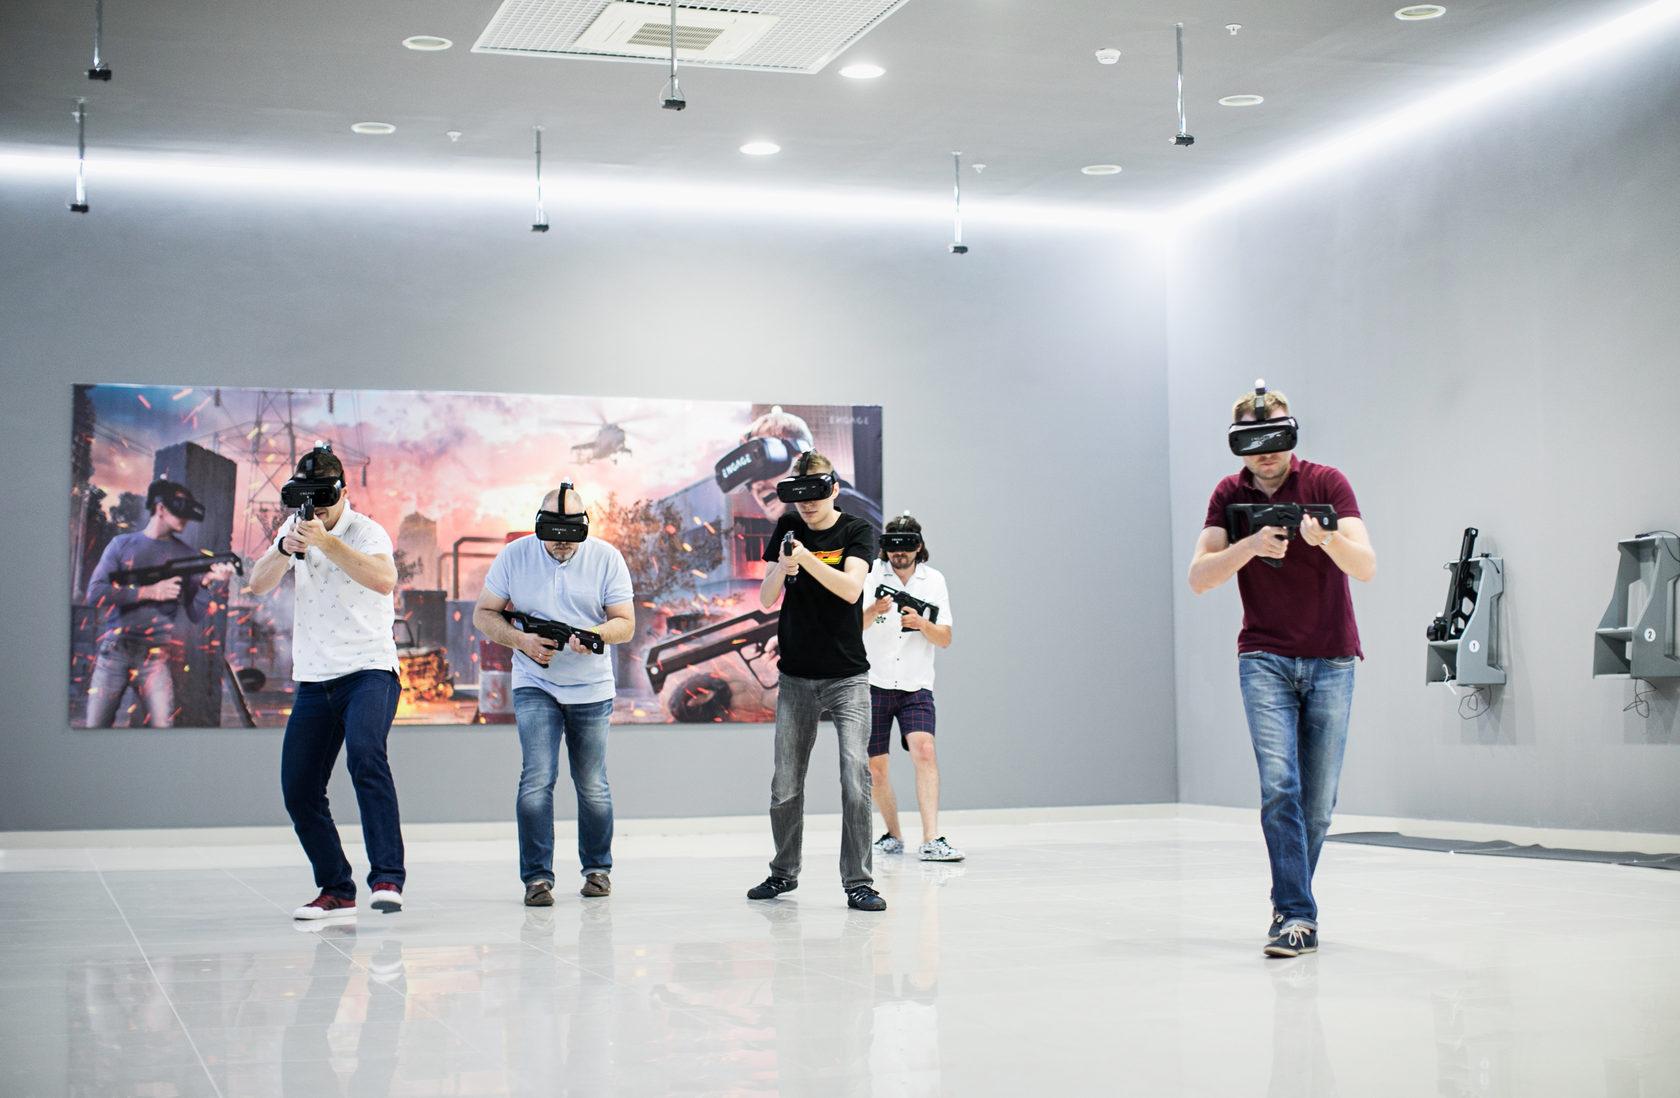 Где можно поиграть в VR-игры?